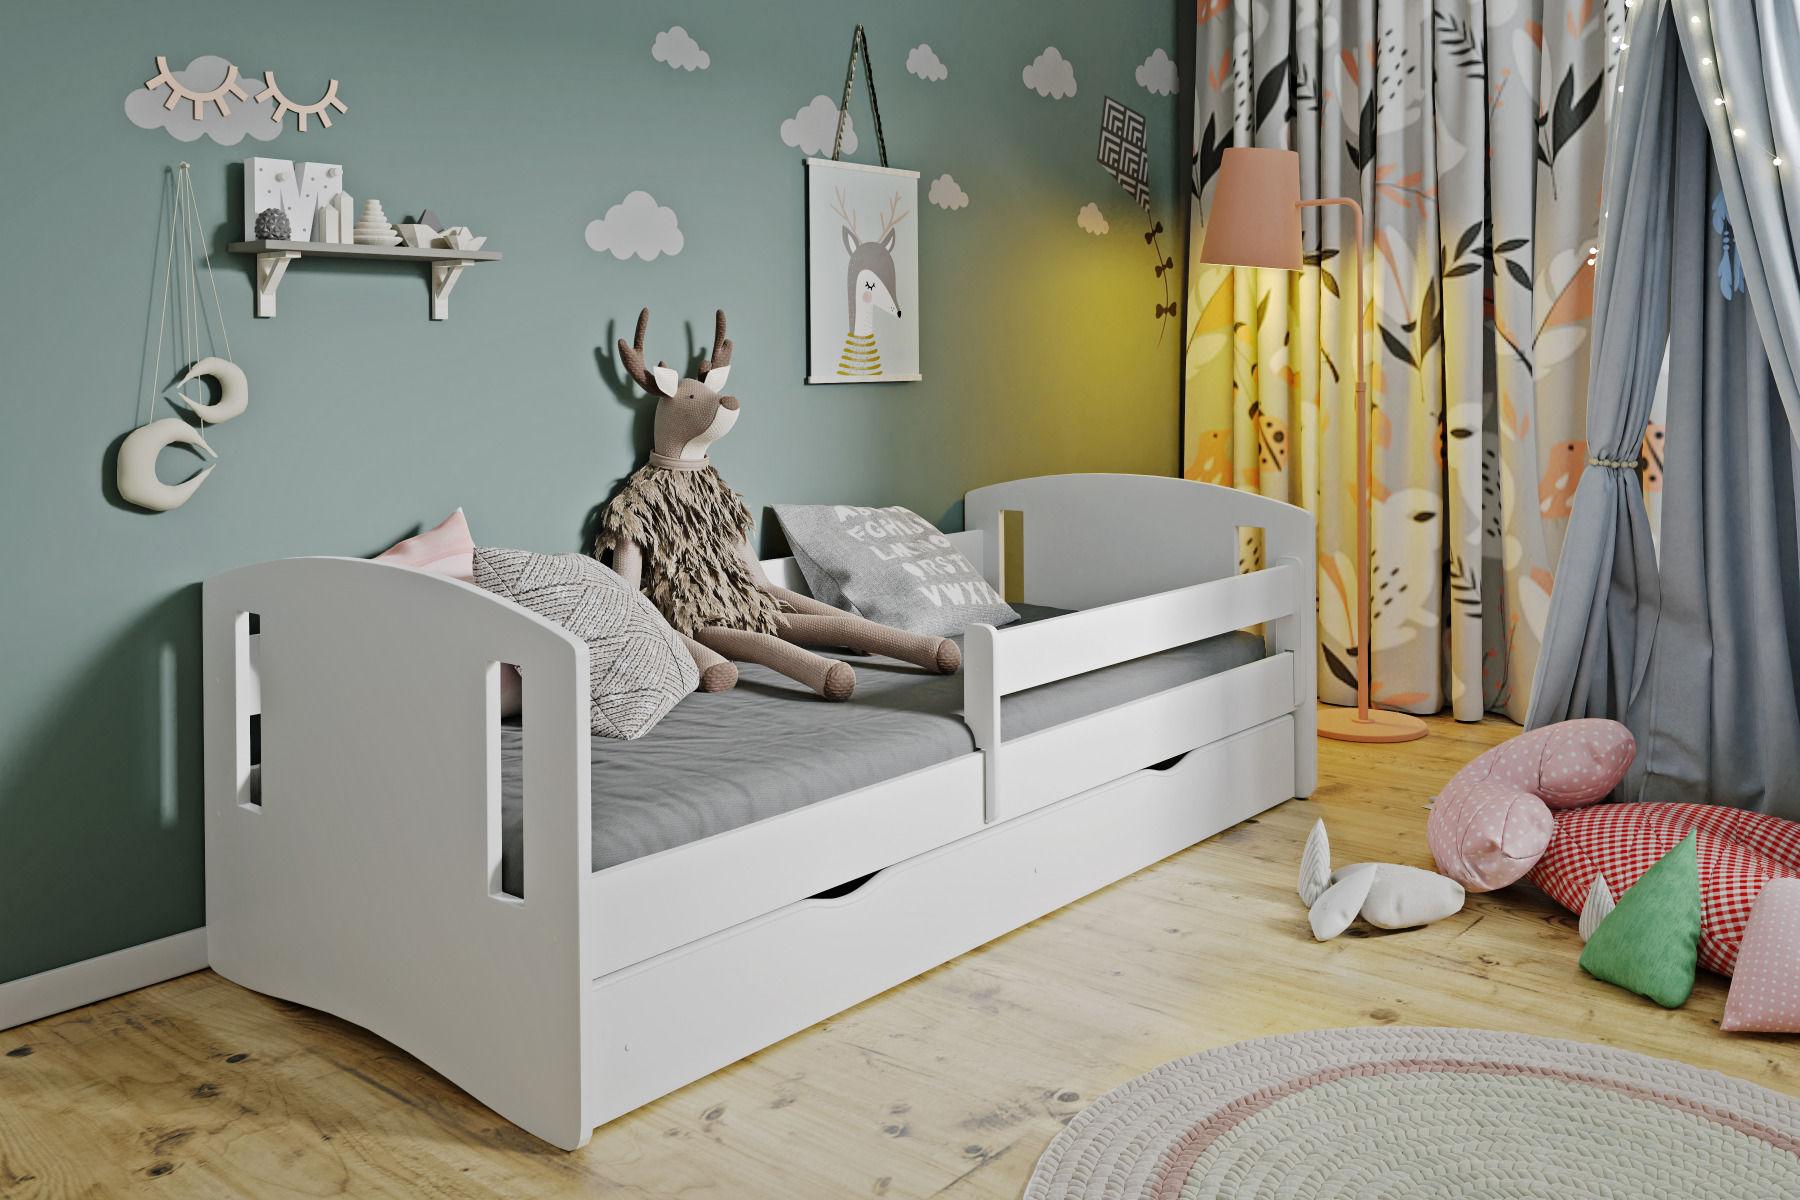 Łóżko dziecięce CLASSIC 2 180x80 białe